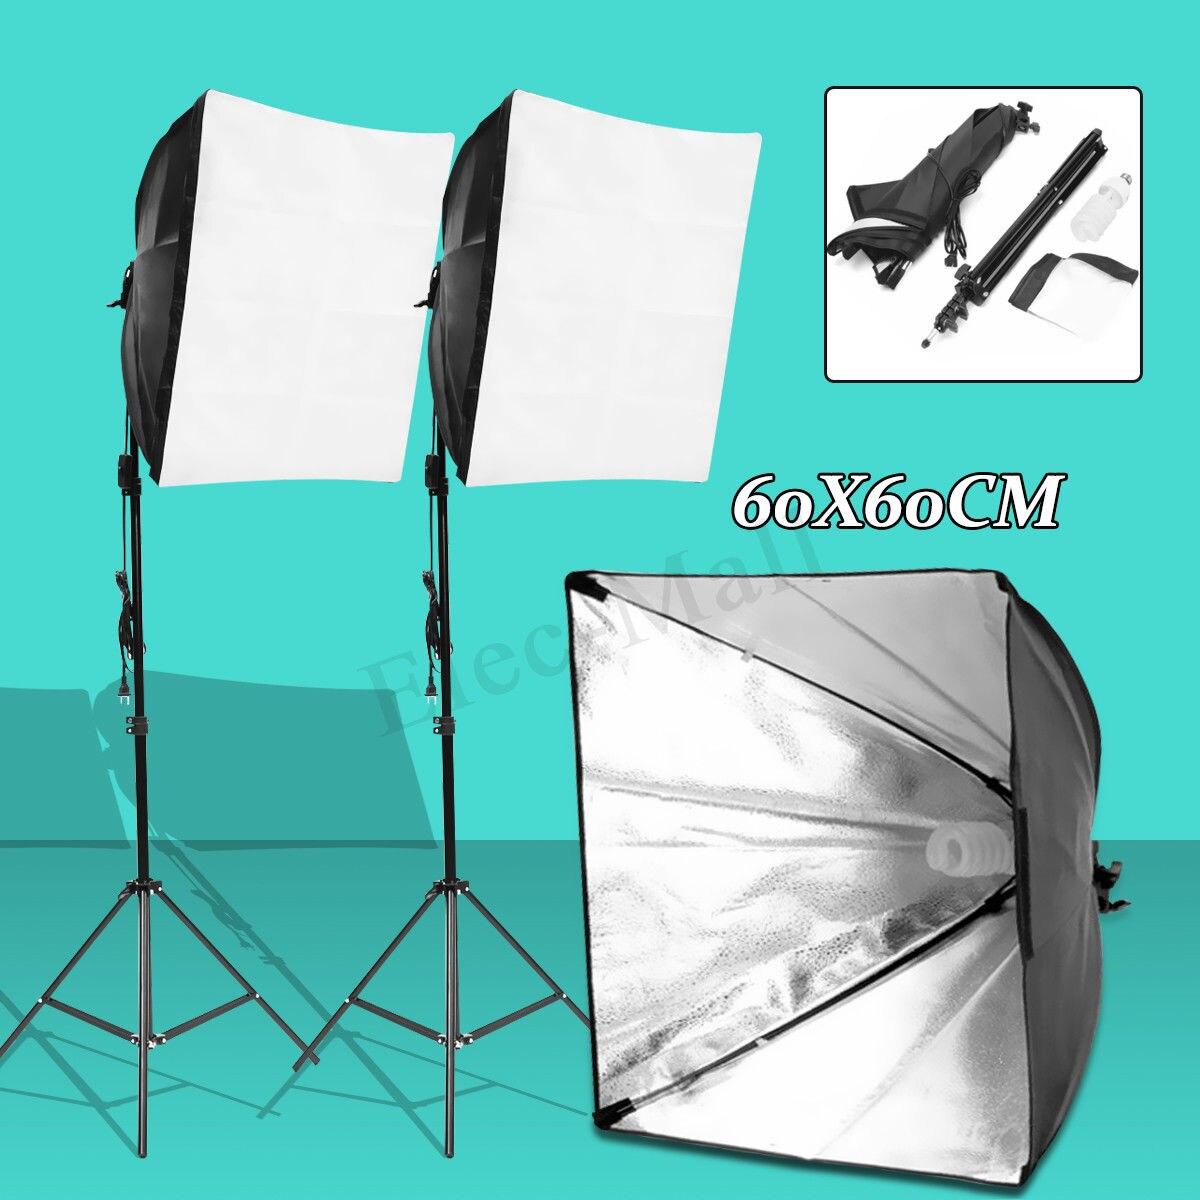 Kit de photographie vidéo Studio Photo universel Kit d'éclairage continu Softbox + support lumineux + ampoule